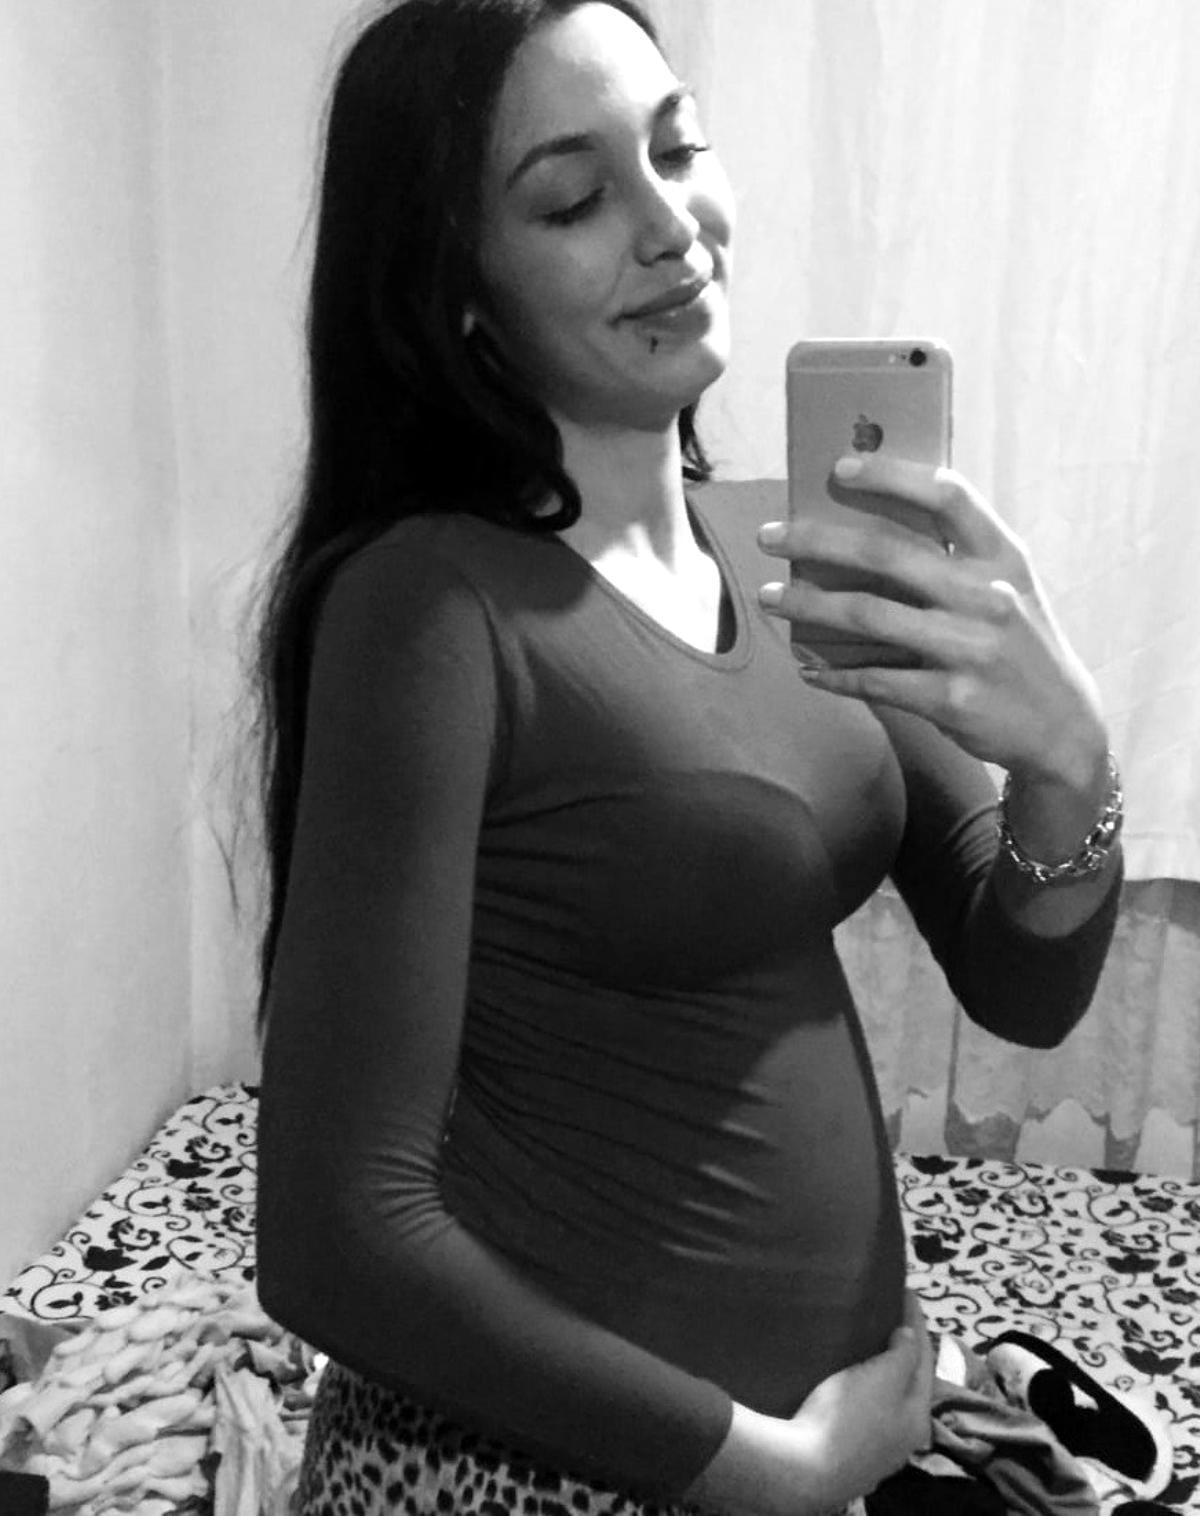 Son dakika haberleri... 5 aylık hamile dini nikahlı eşini öldüren sanığa 2 kez ağırlaştırılmış müebbet istemi